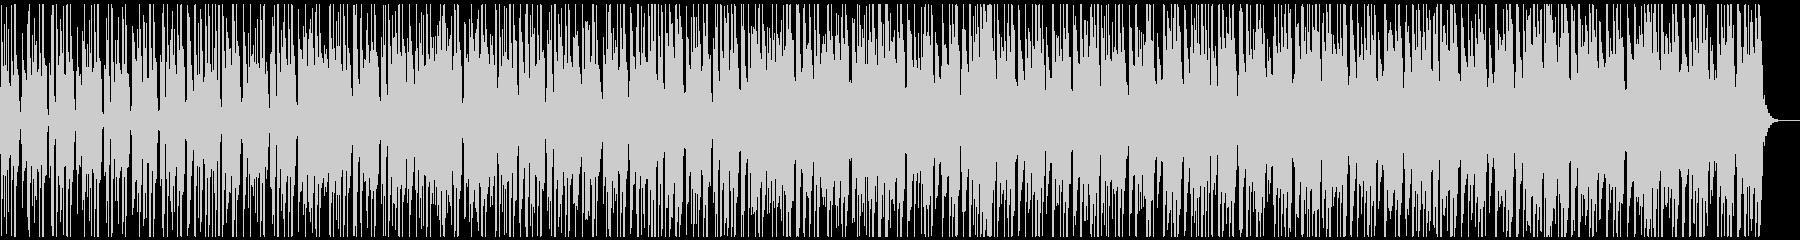 ミステリー・推理向けBGMの未再生の波形